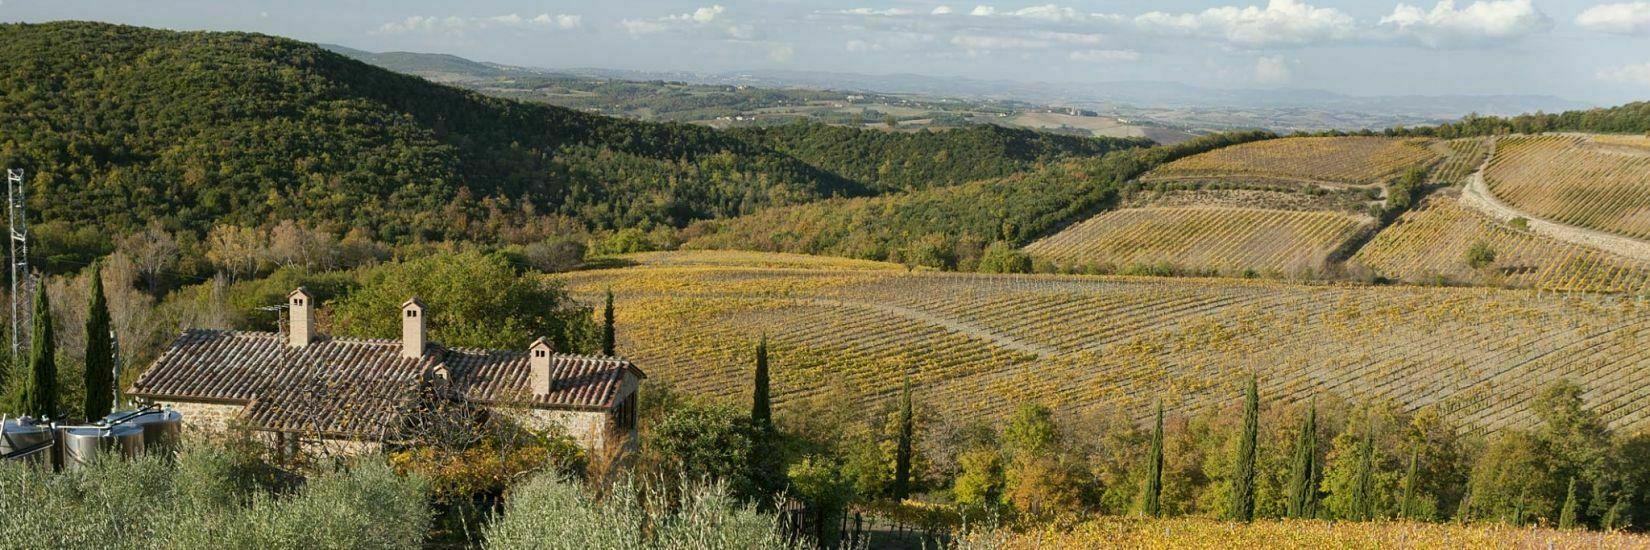 Casanuova delle Cerbaie - Winery